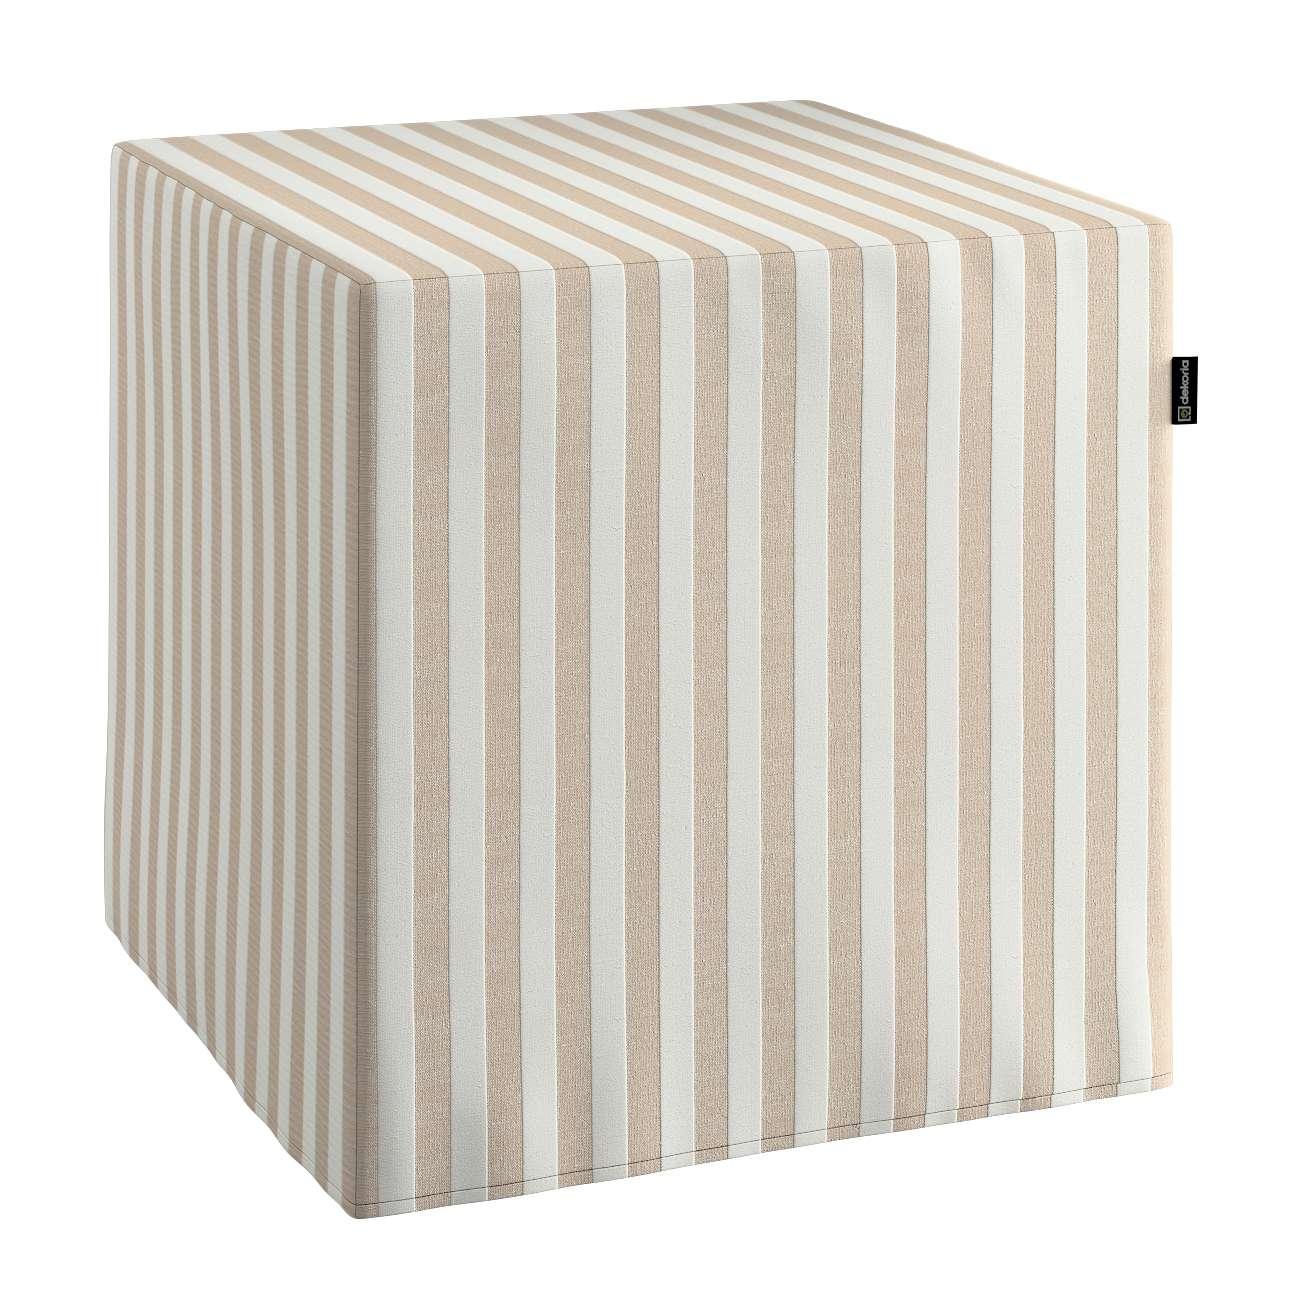 Sedák Cube - kostka pevná 40x40x40 v kolekci Quadro, látka: 136-07